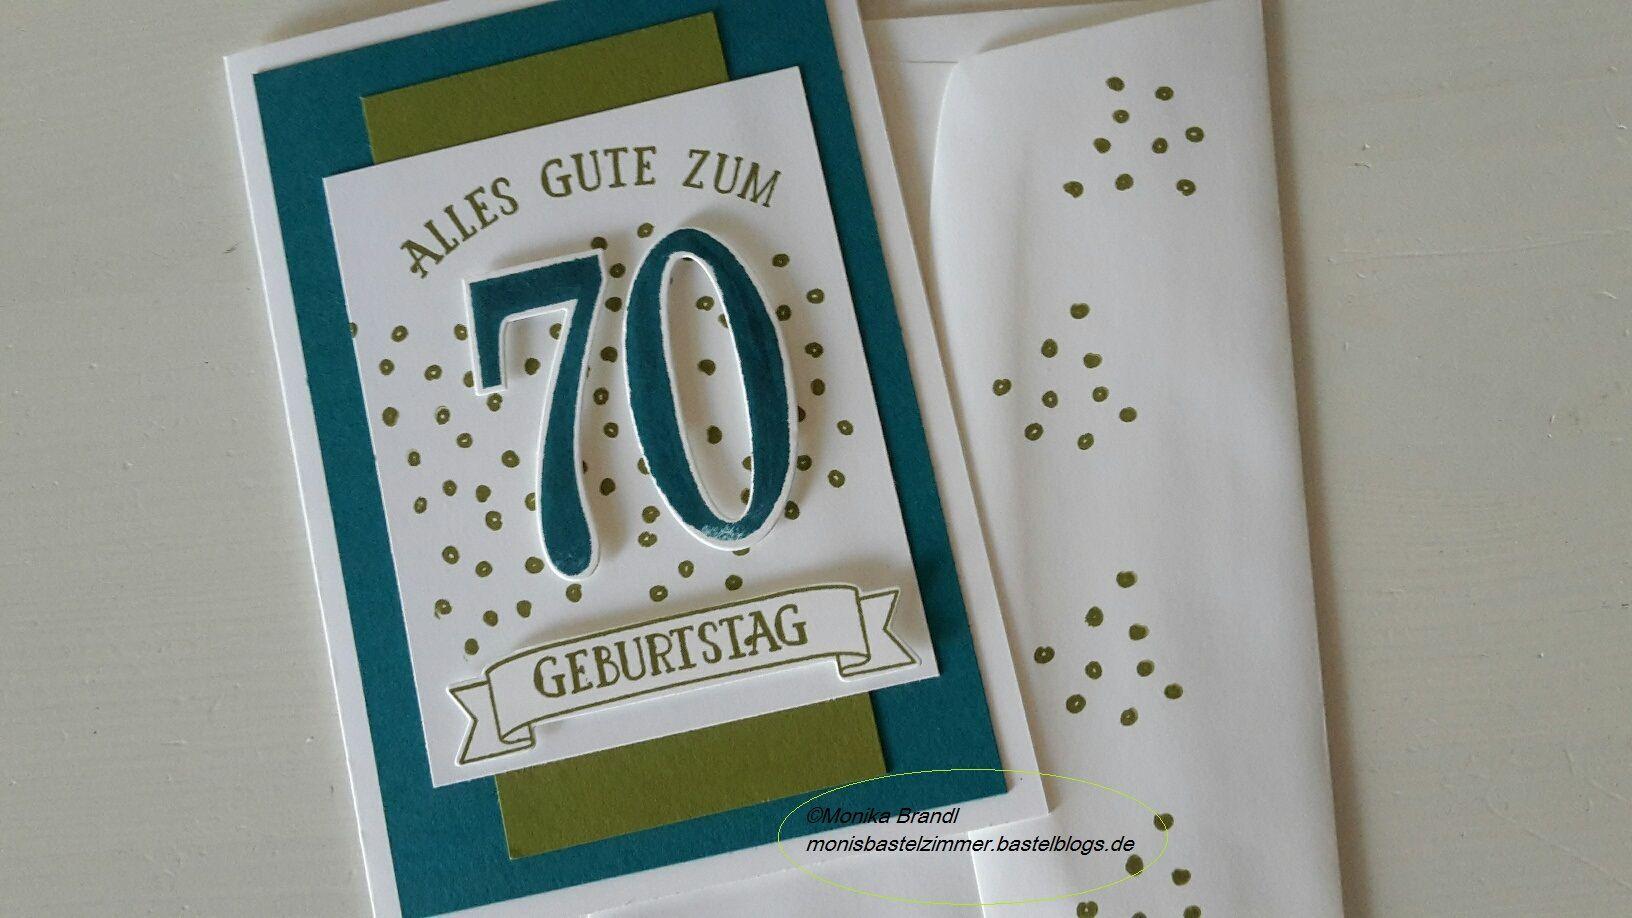 Geburtstagskarte Mann Zum 70 Mit Bildern Geburtstag Karte